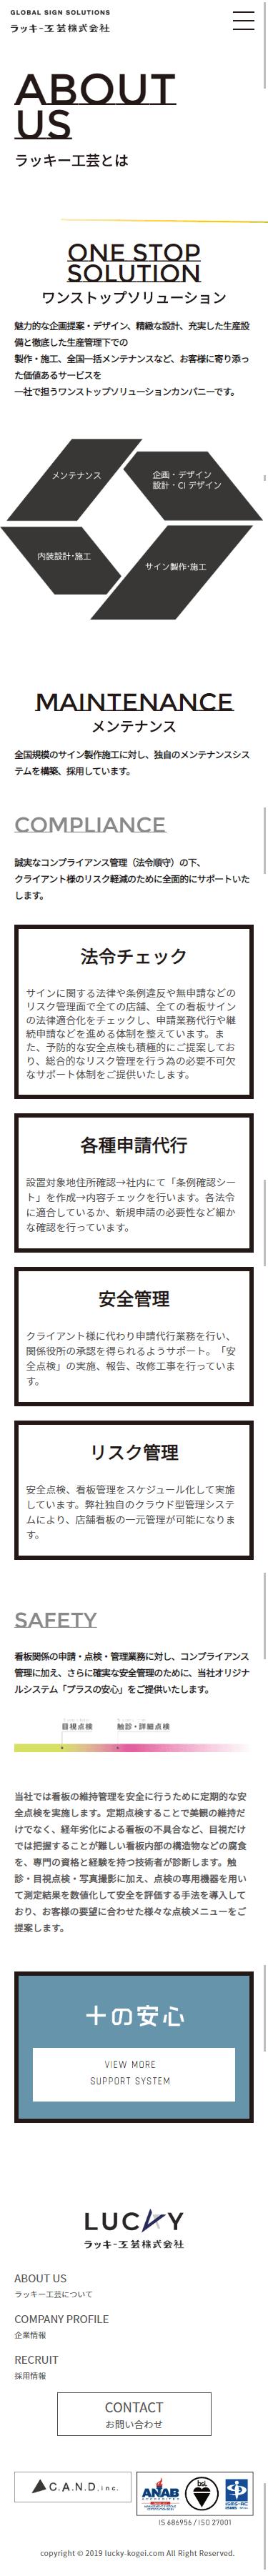 姫路市 ラッキー工芸株式会社 ホームページ制作4